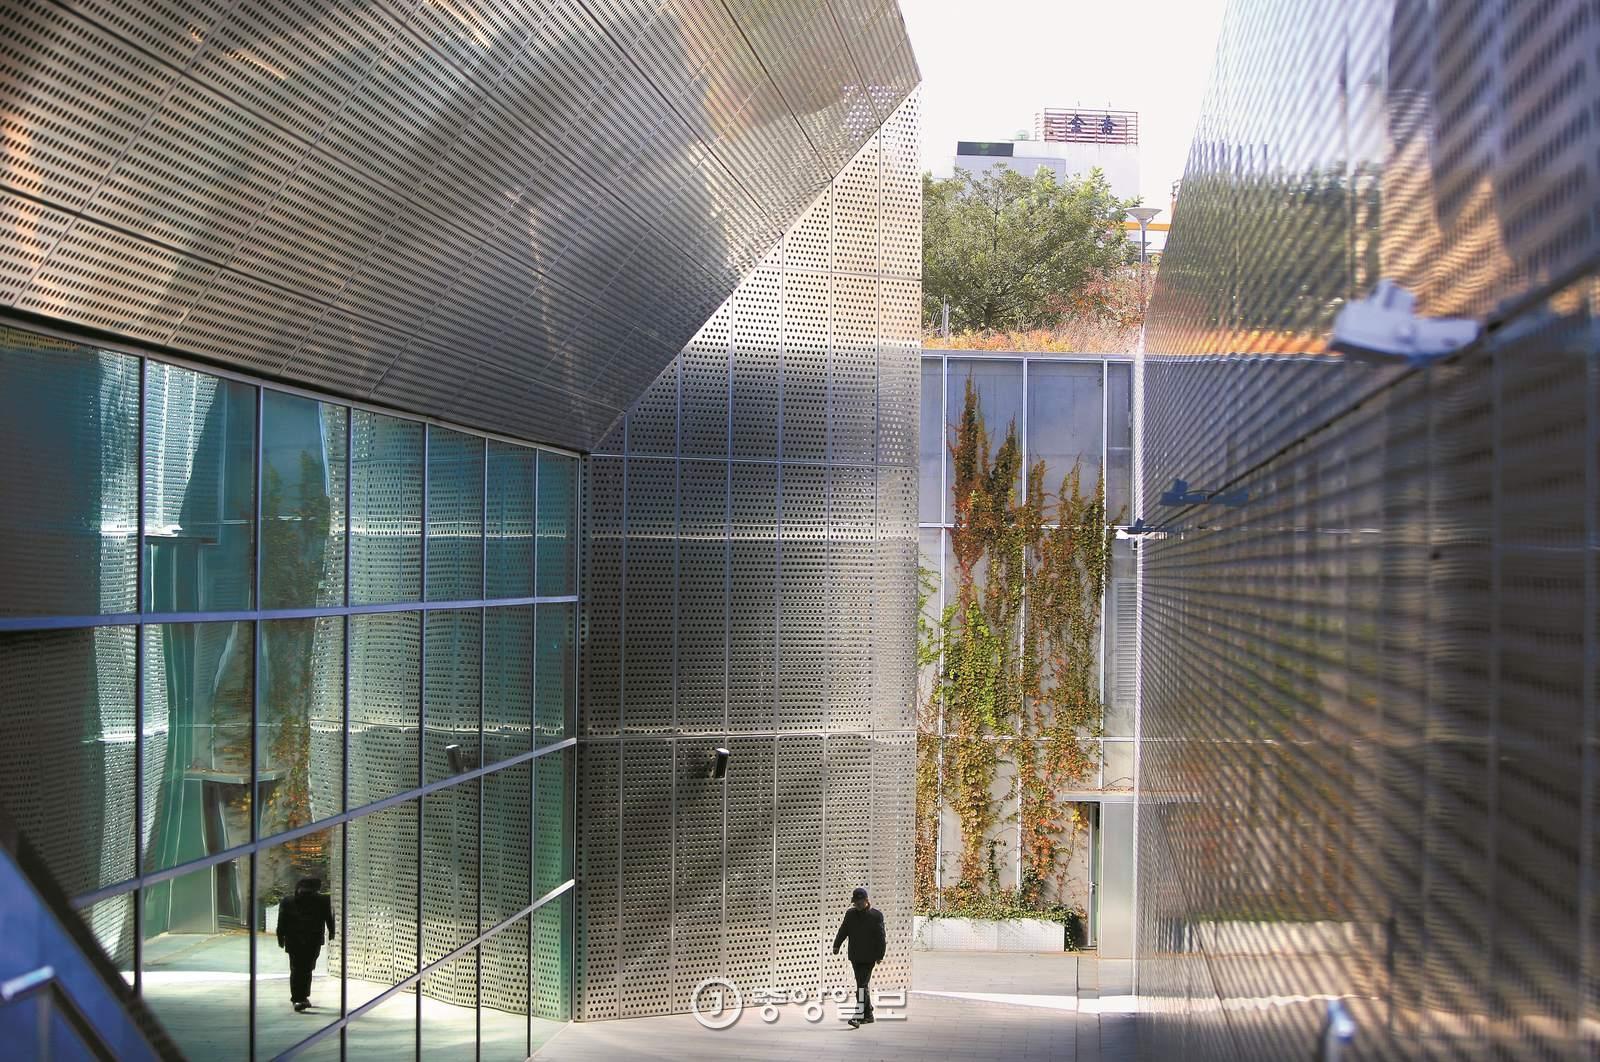 아시아문화전당은 땅을 파고 들어가 있다. 대신 현대식 디자인으로 역사 현장을 새로 해석했다.